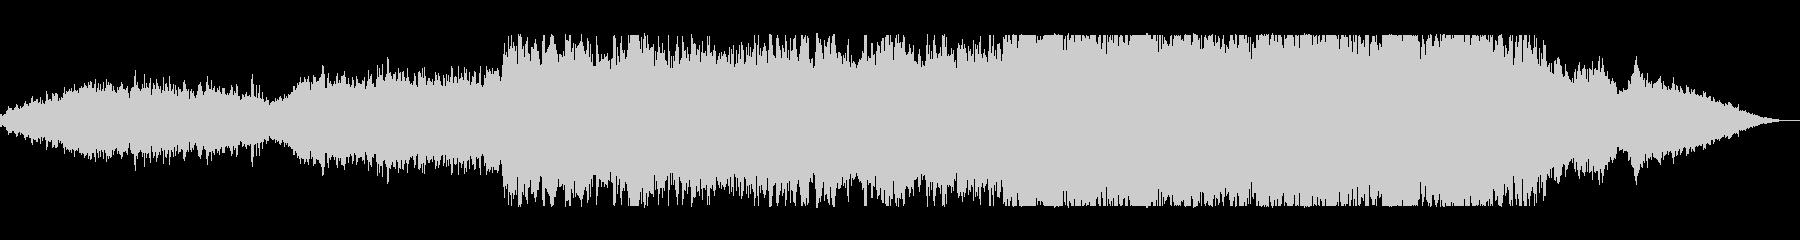 スケールの大きい時代劇的BGMの未再生の波形